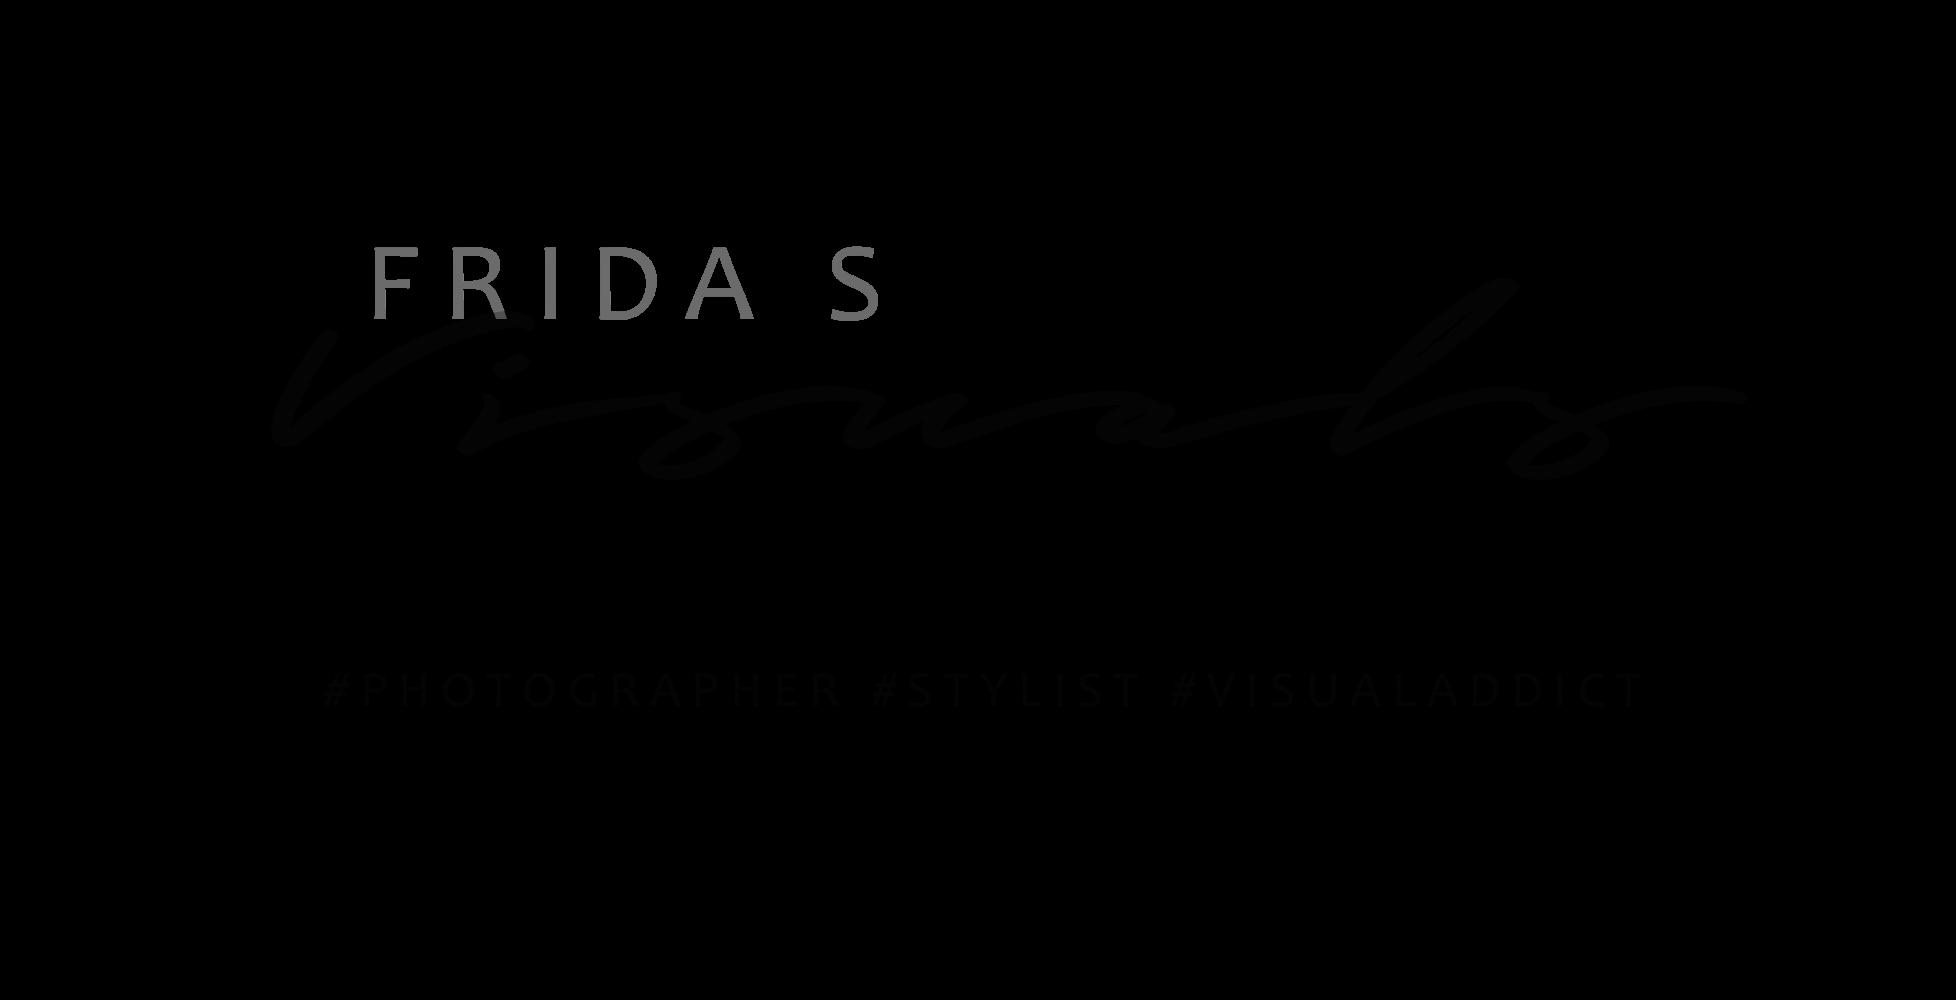 Frida S Visuals